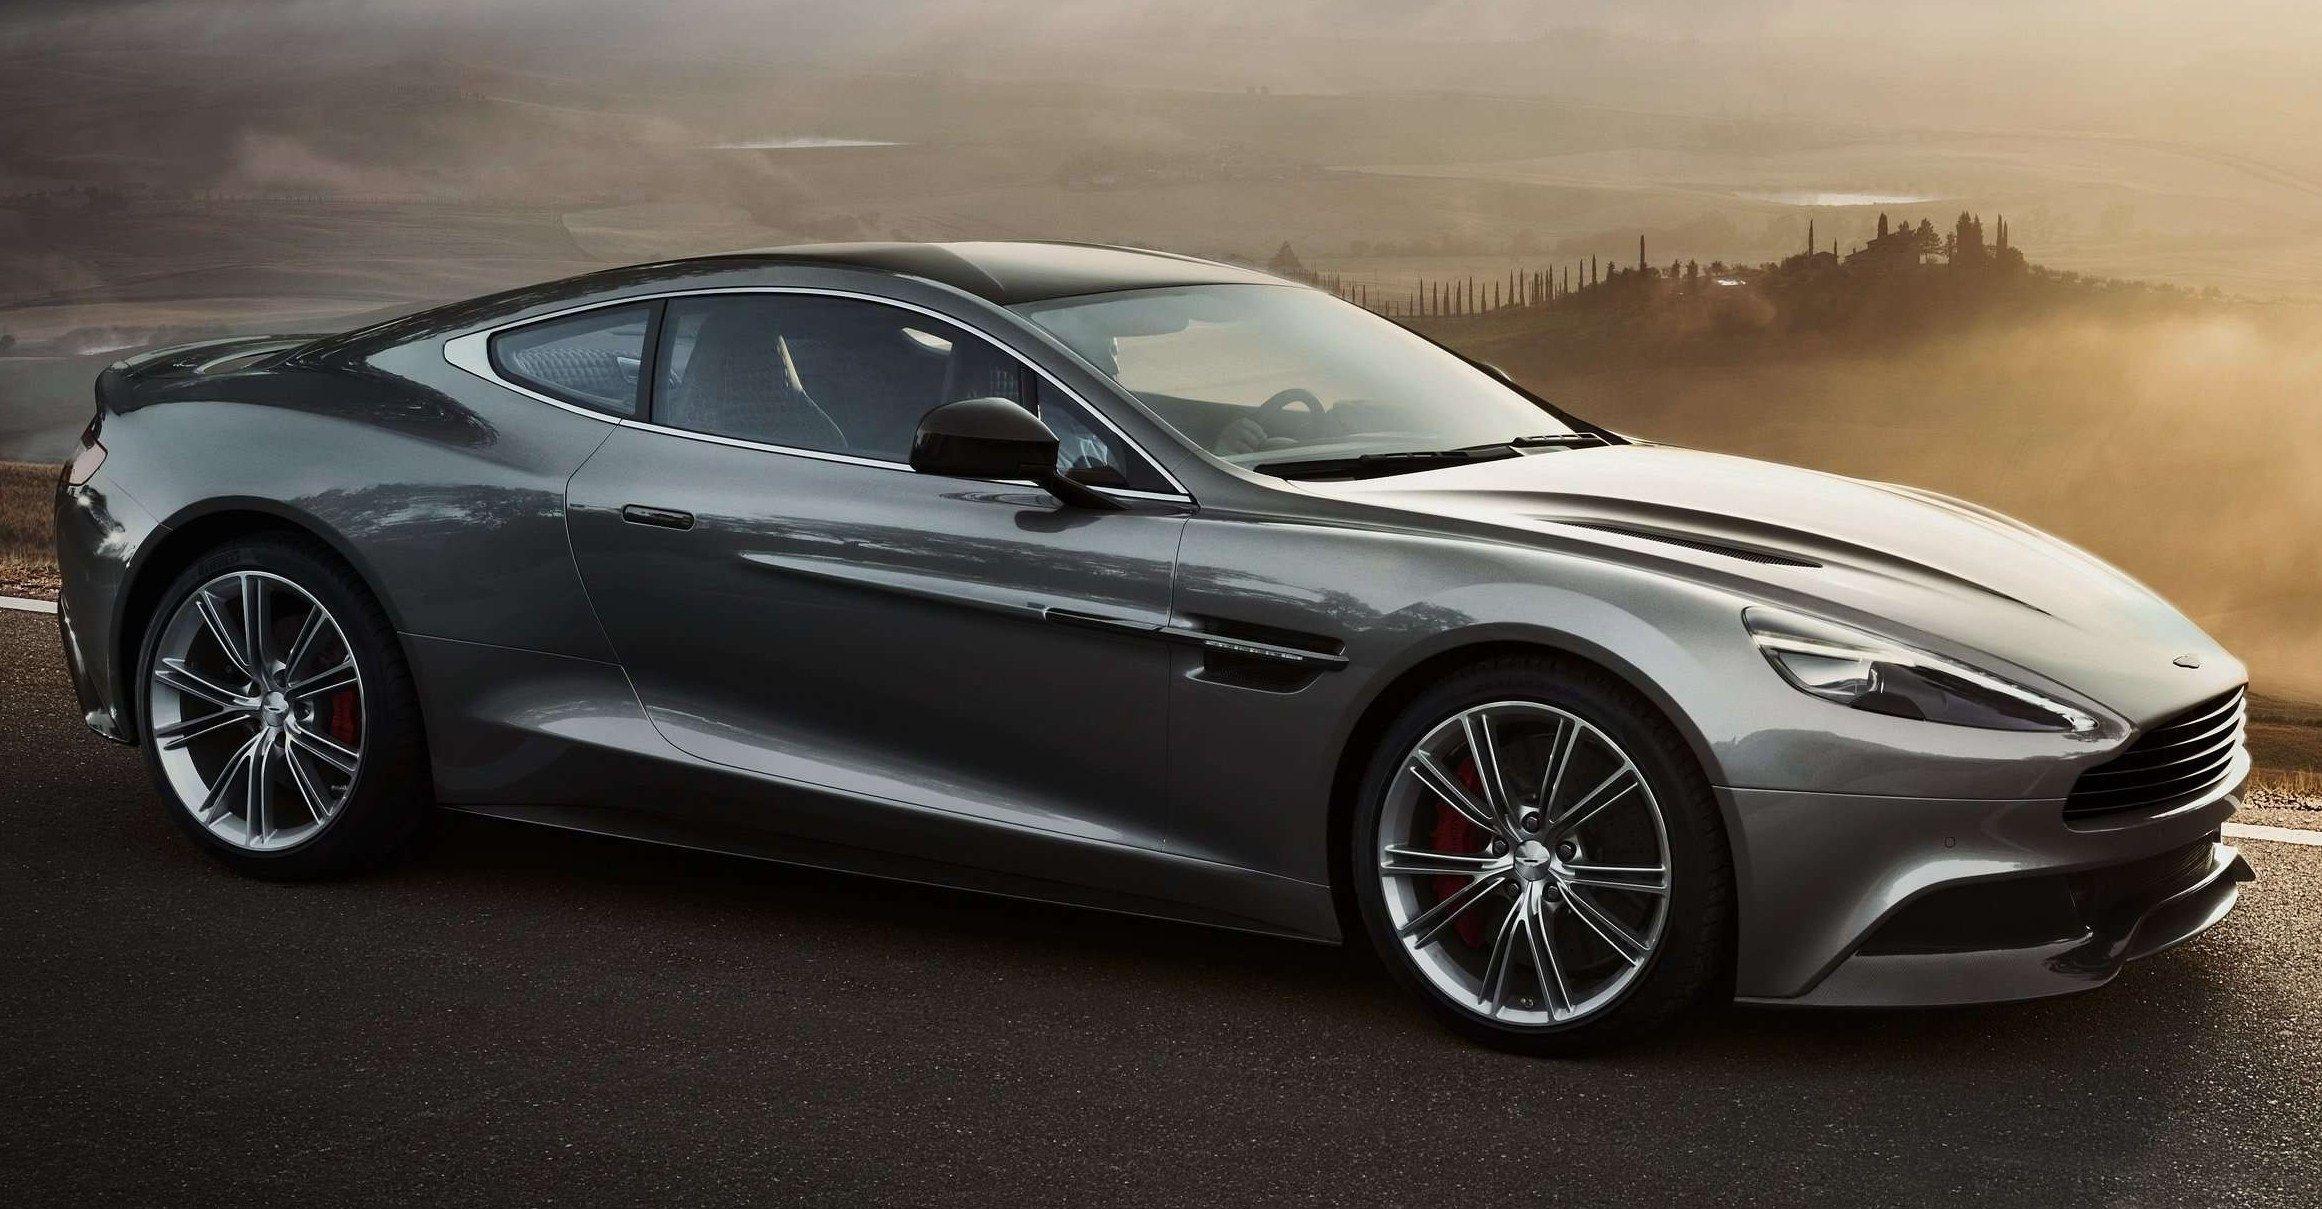 Aston Martin Vulcan Aston Martin Pinterest Aston Martin Db - Aston martin db 10